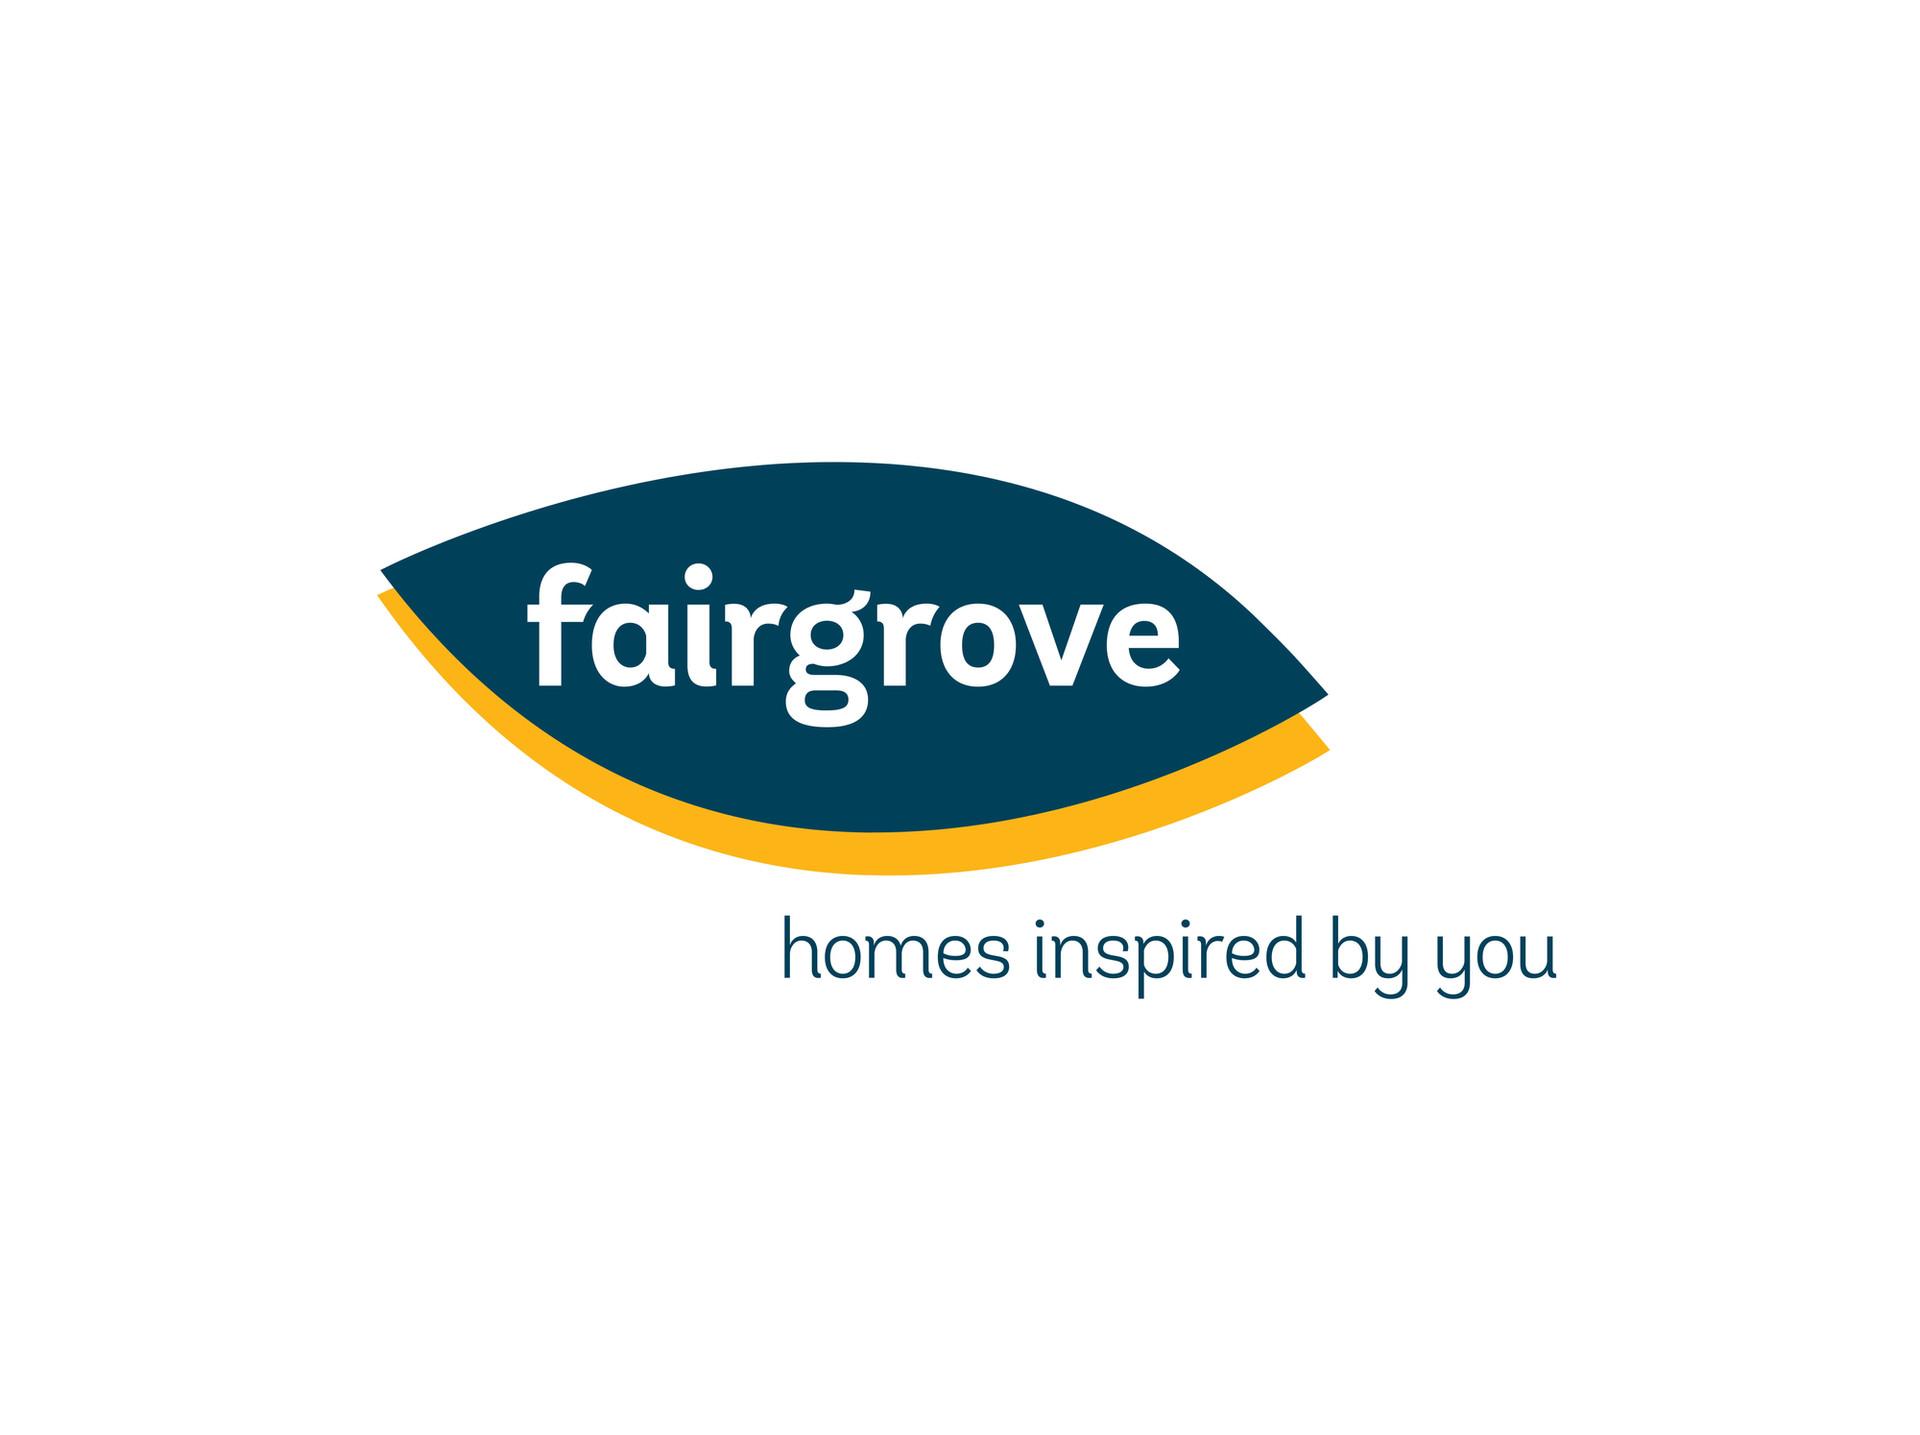 fairgrovelogoweb.jpg